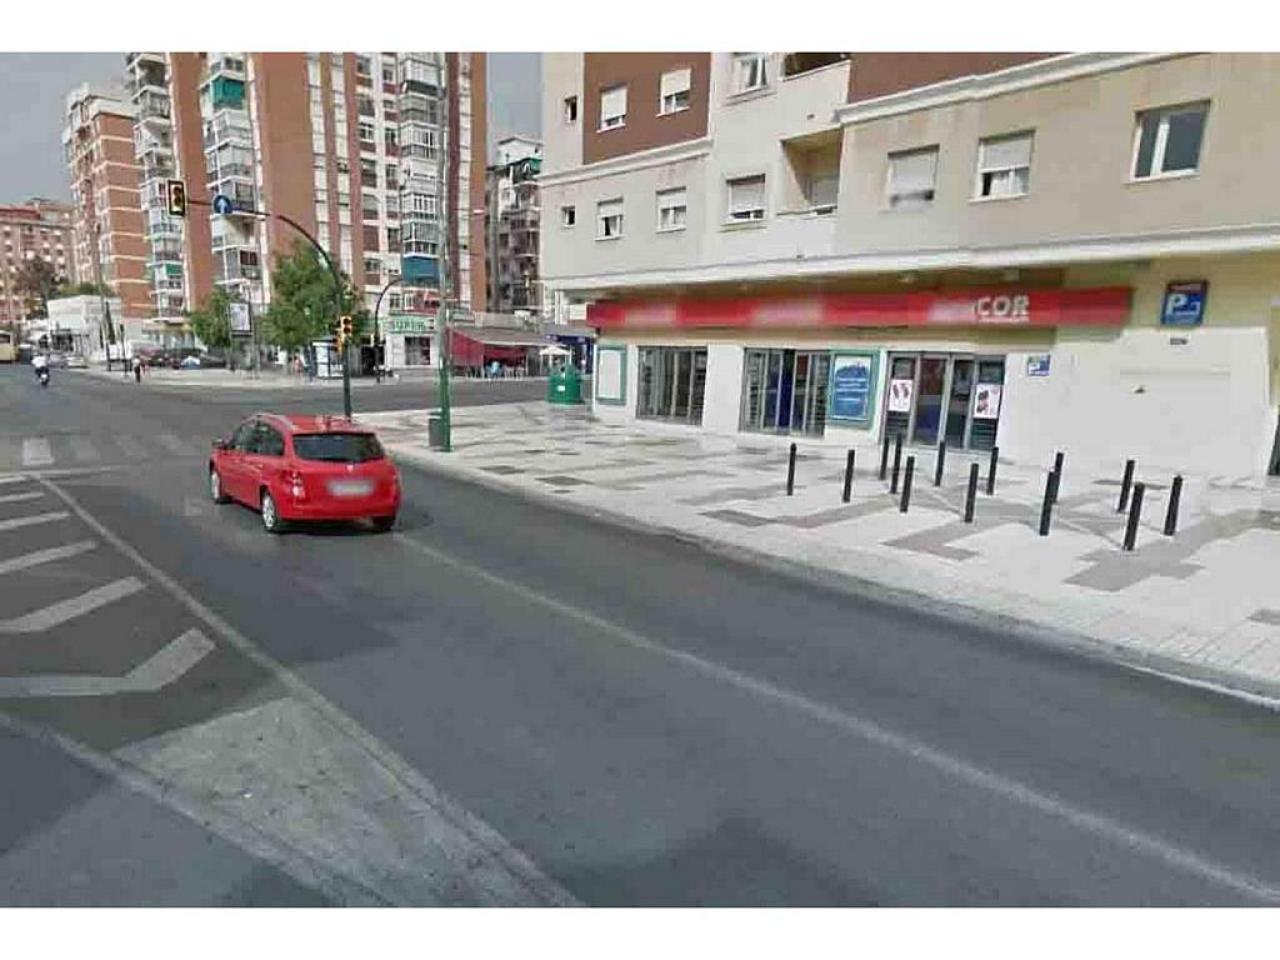 Or Gestion Tico En Venta En Sector Velazquez Por 248 000 004871 # Muebles Velazquez Malaga